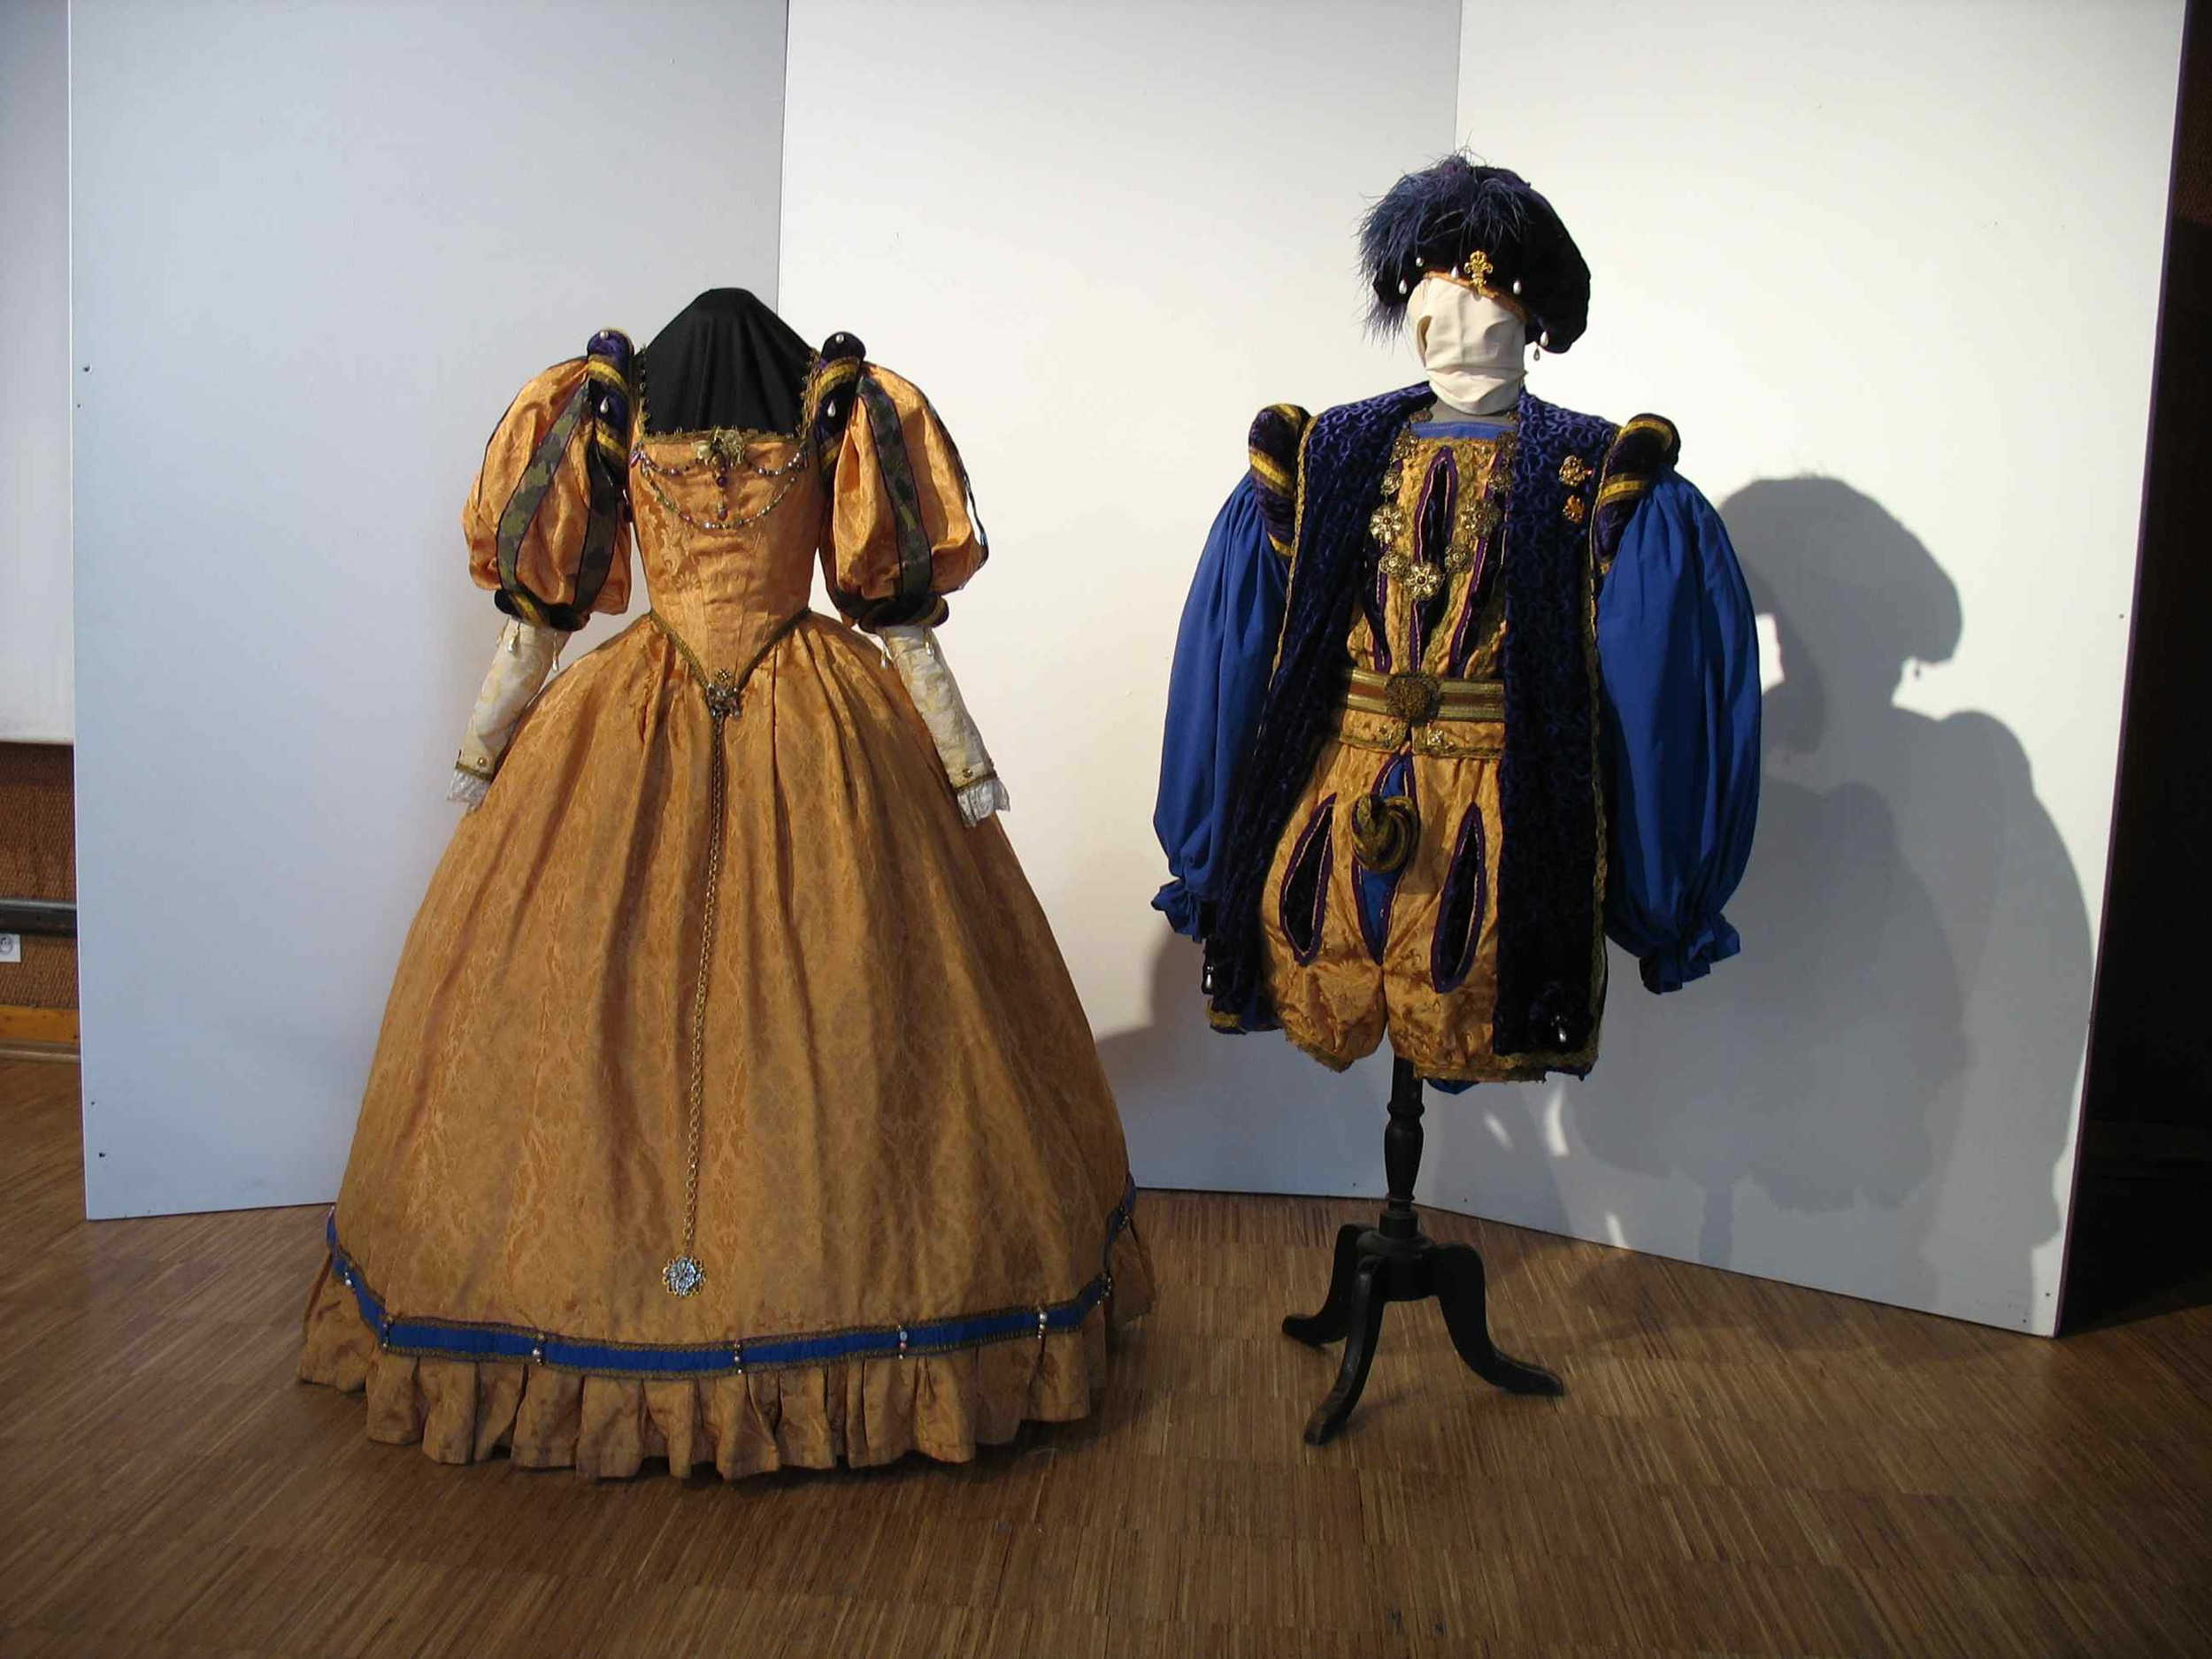 Exposition des artistes Marlychois lors des salons des jeunes artistes - Agnès Szabelewski expose ses costumes d'époque